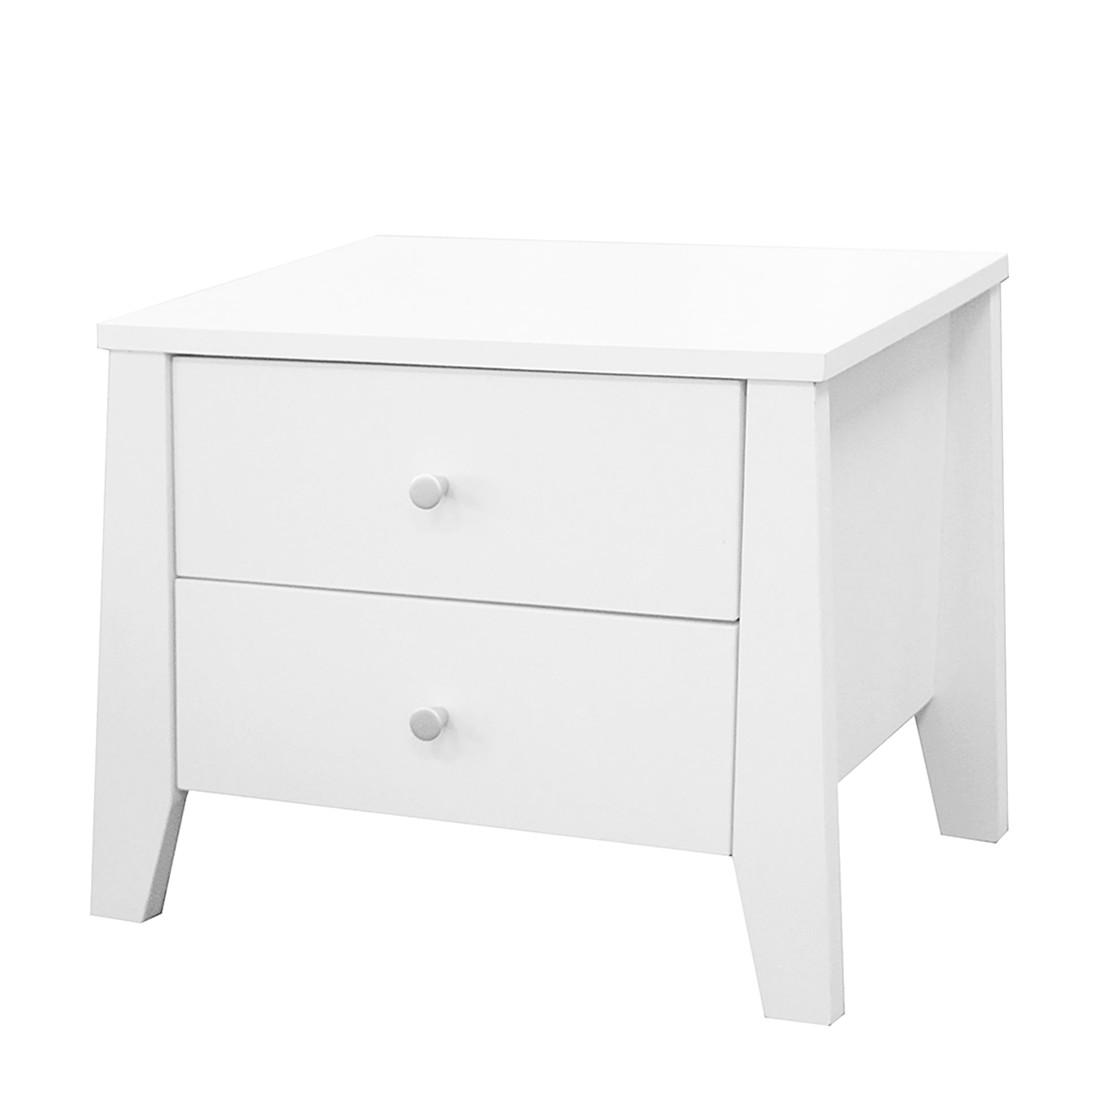 tables de chevet trouvez facilement sur internet tables de chevet lebonmeuble. Black Bedroom Furniture Sets. Home Design Ideas